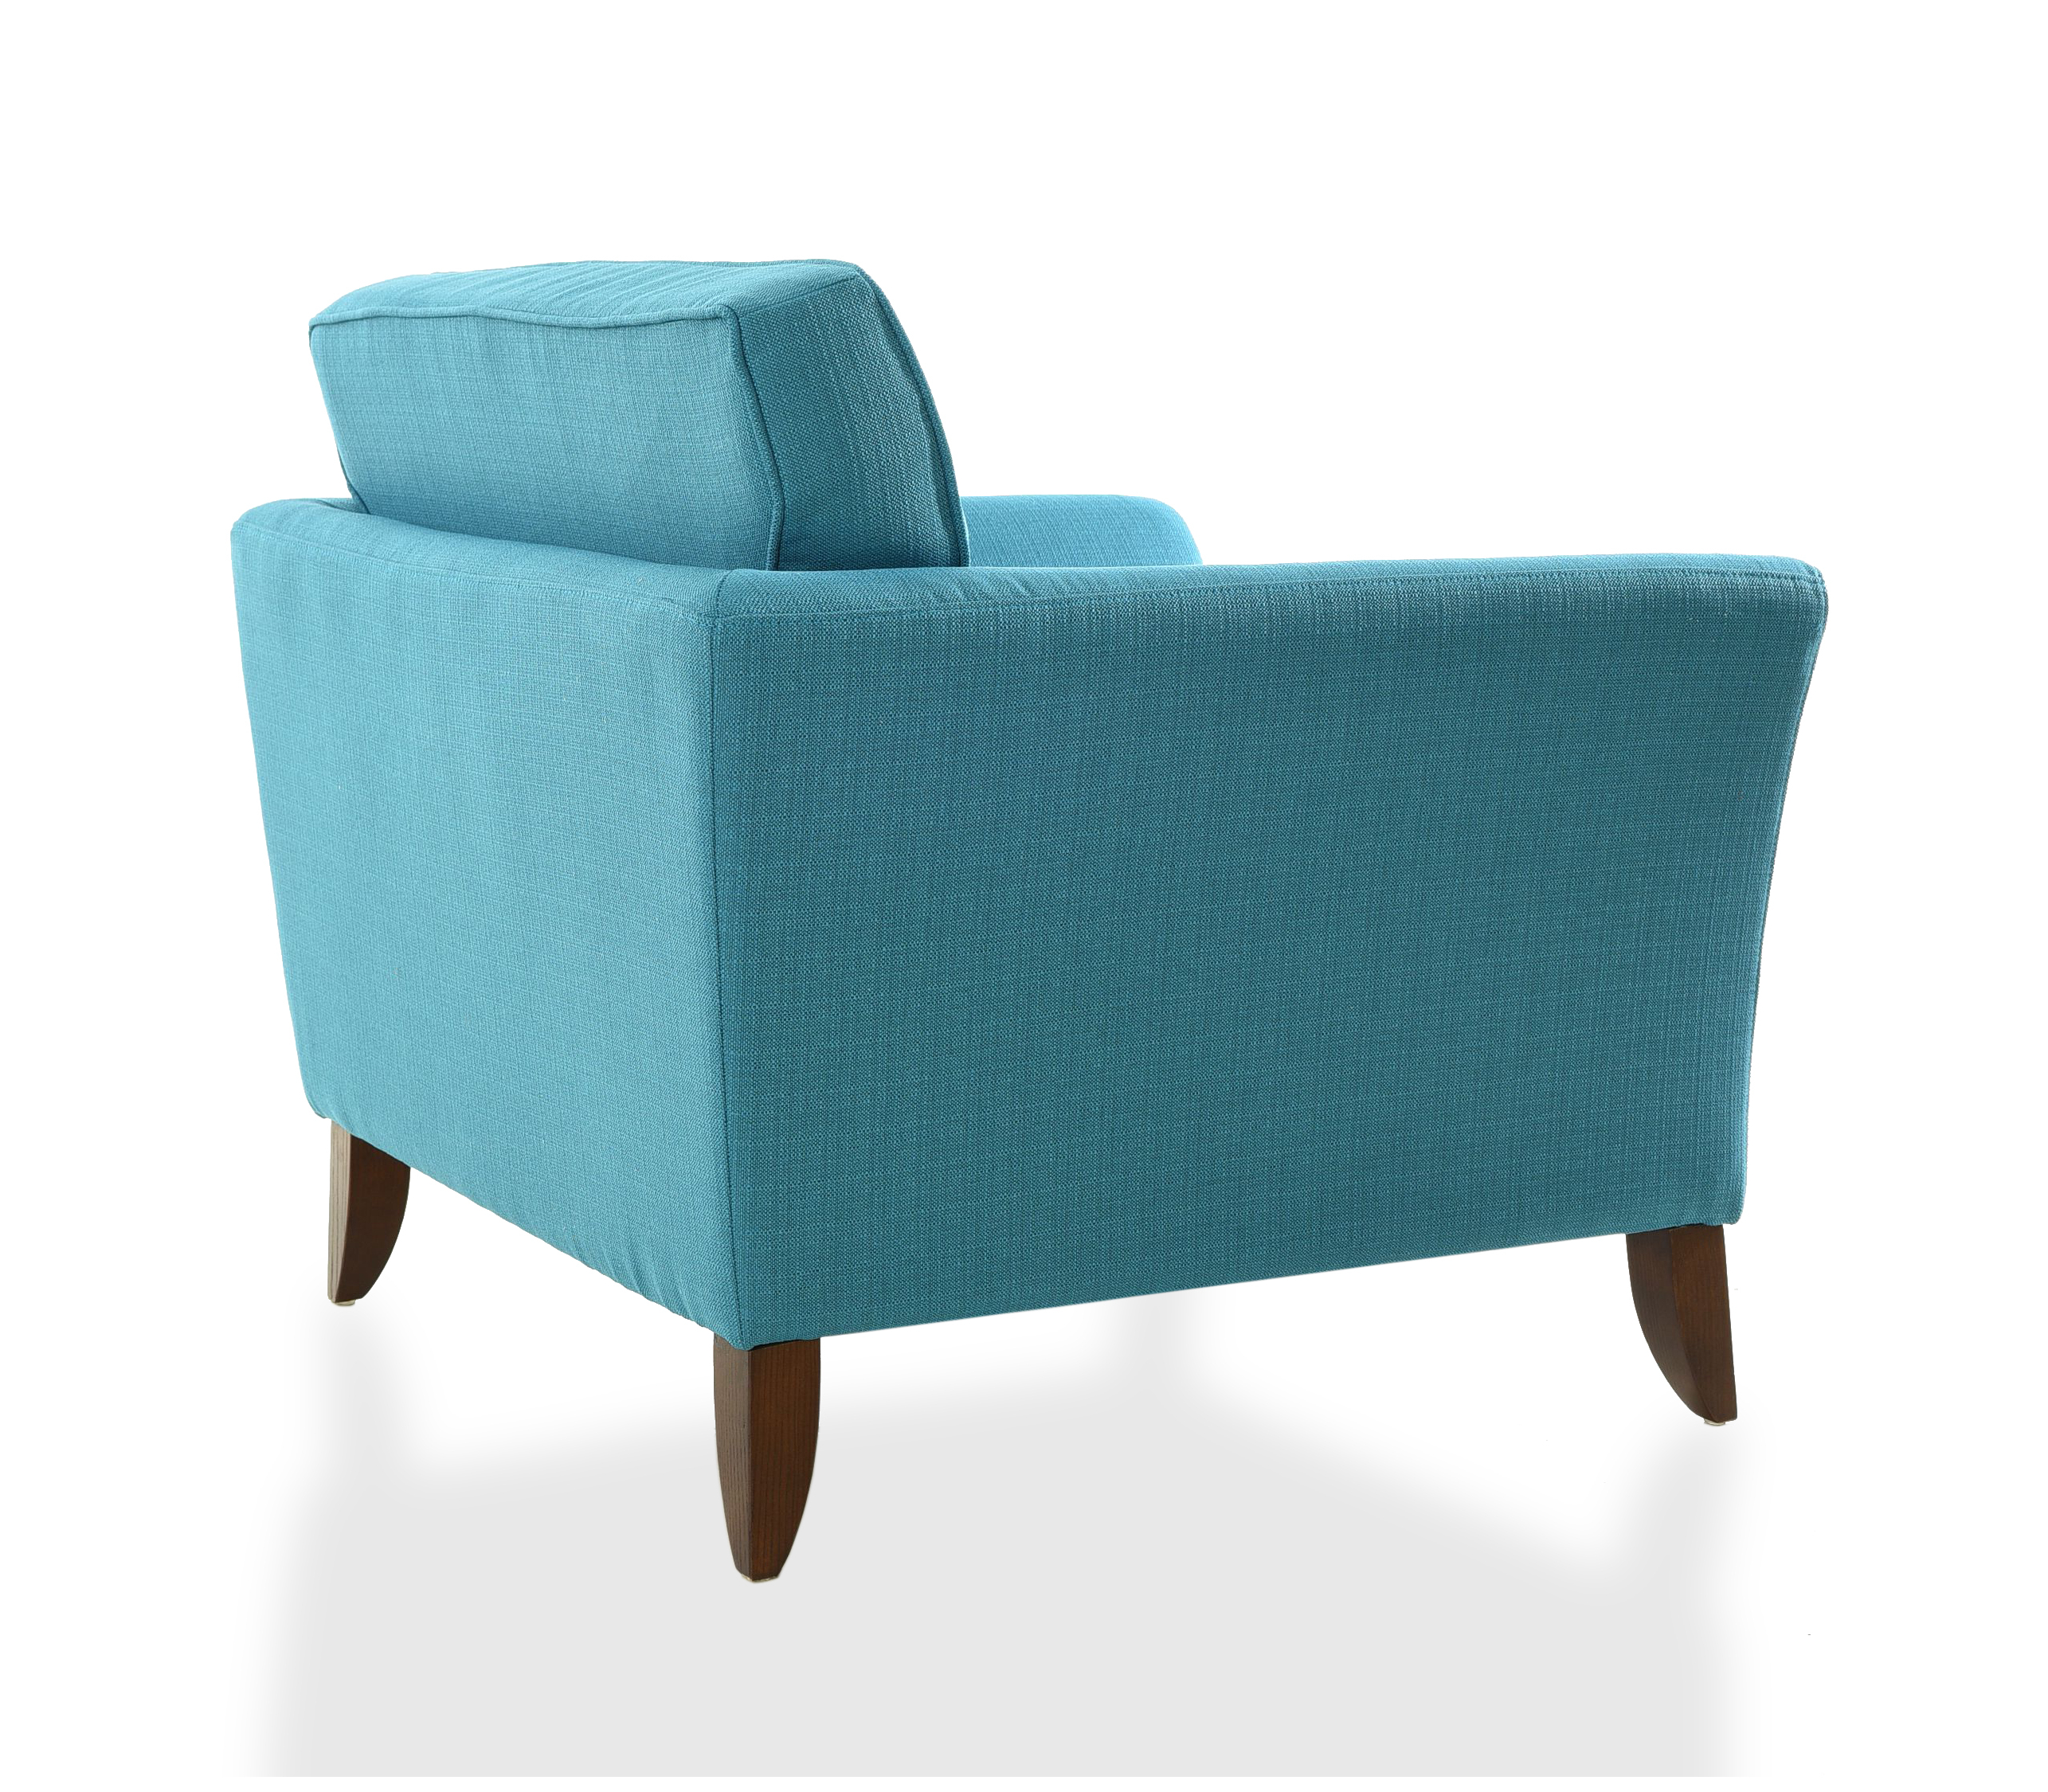 Sofa 1 Plaza Whdr Libra sofa 1 Plaza